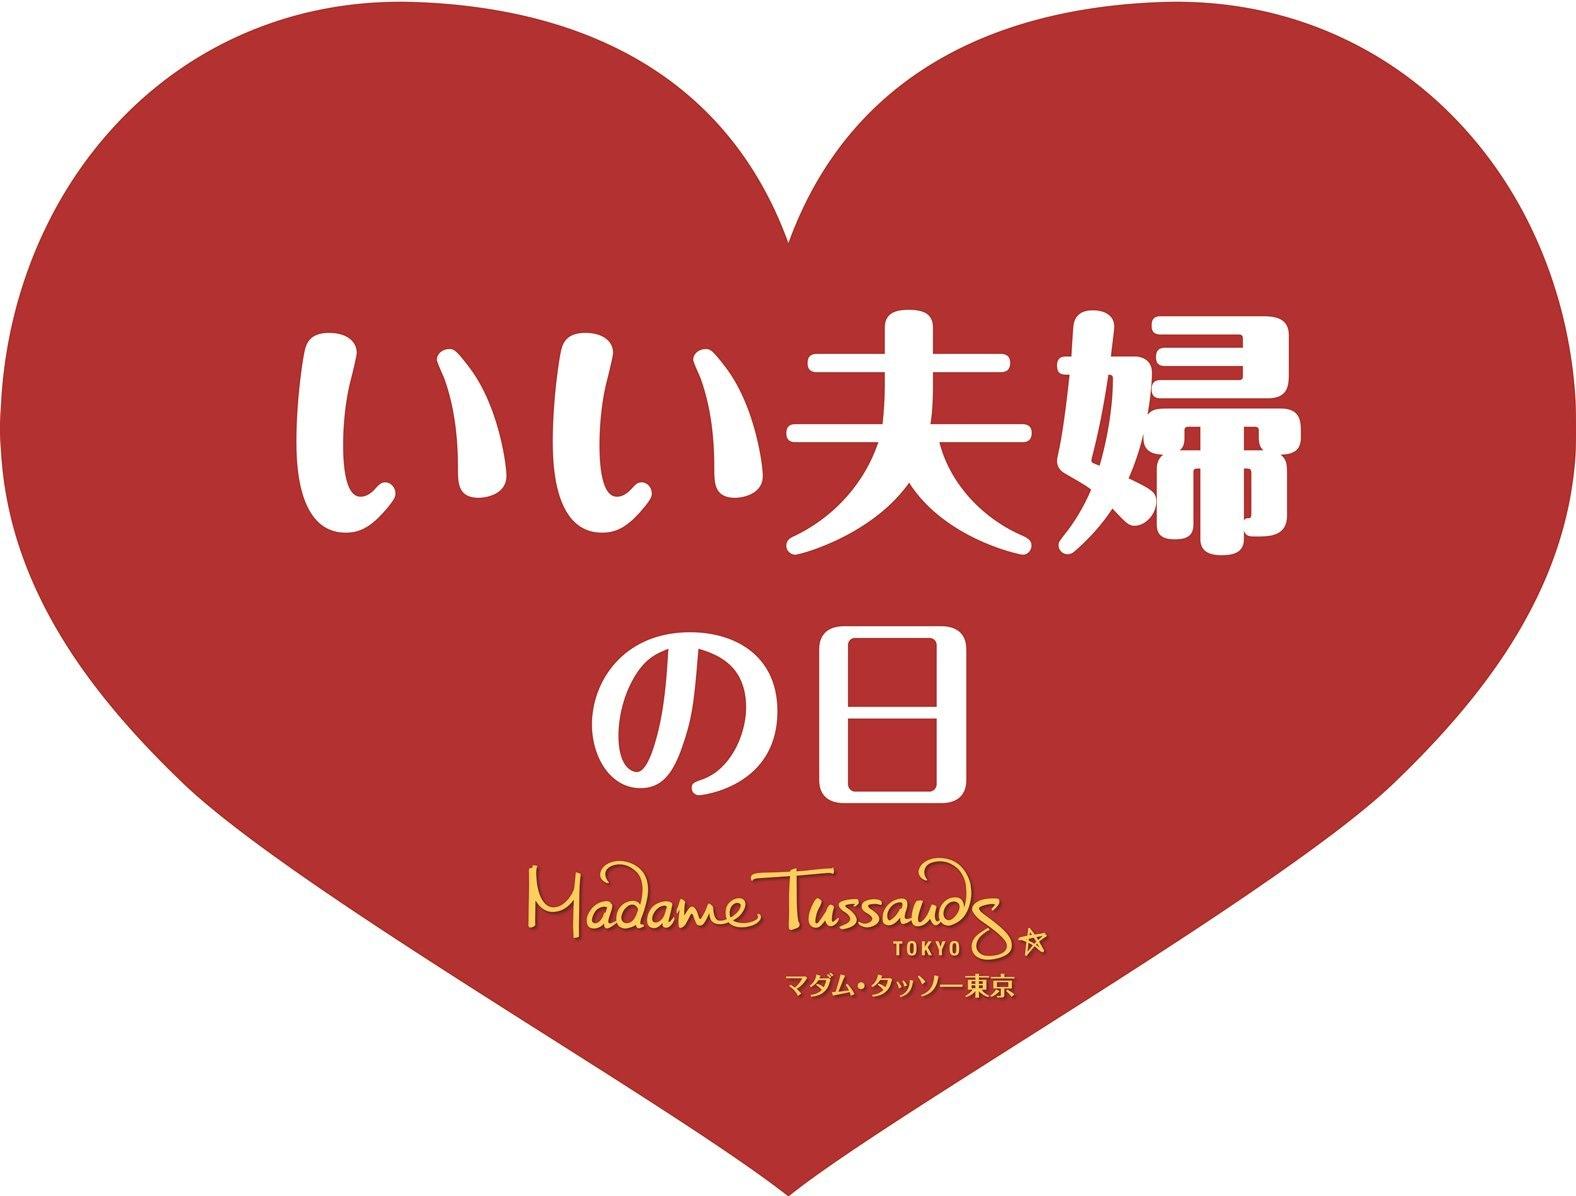 マダム・タッソー東京「いい夫婦の日」キャンペーン